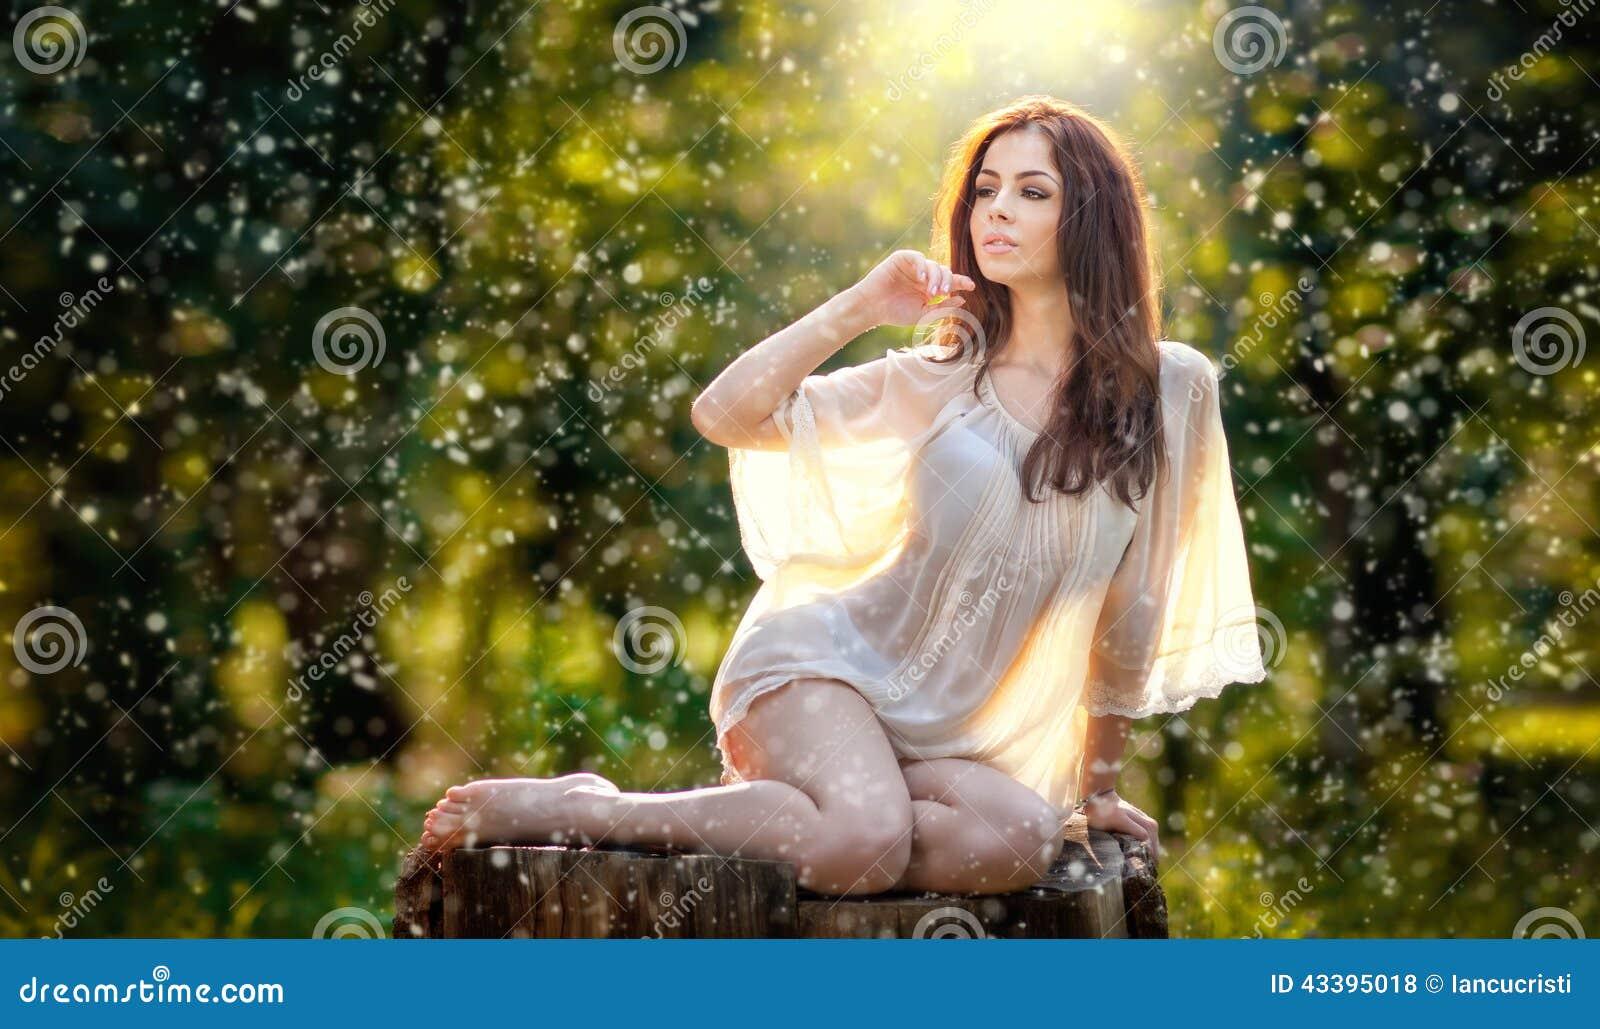 Jonge mooie rode haarvrouw die het transparante witte blouse stellen op een stomp in een groen bos Modieus sexy meisje dragen